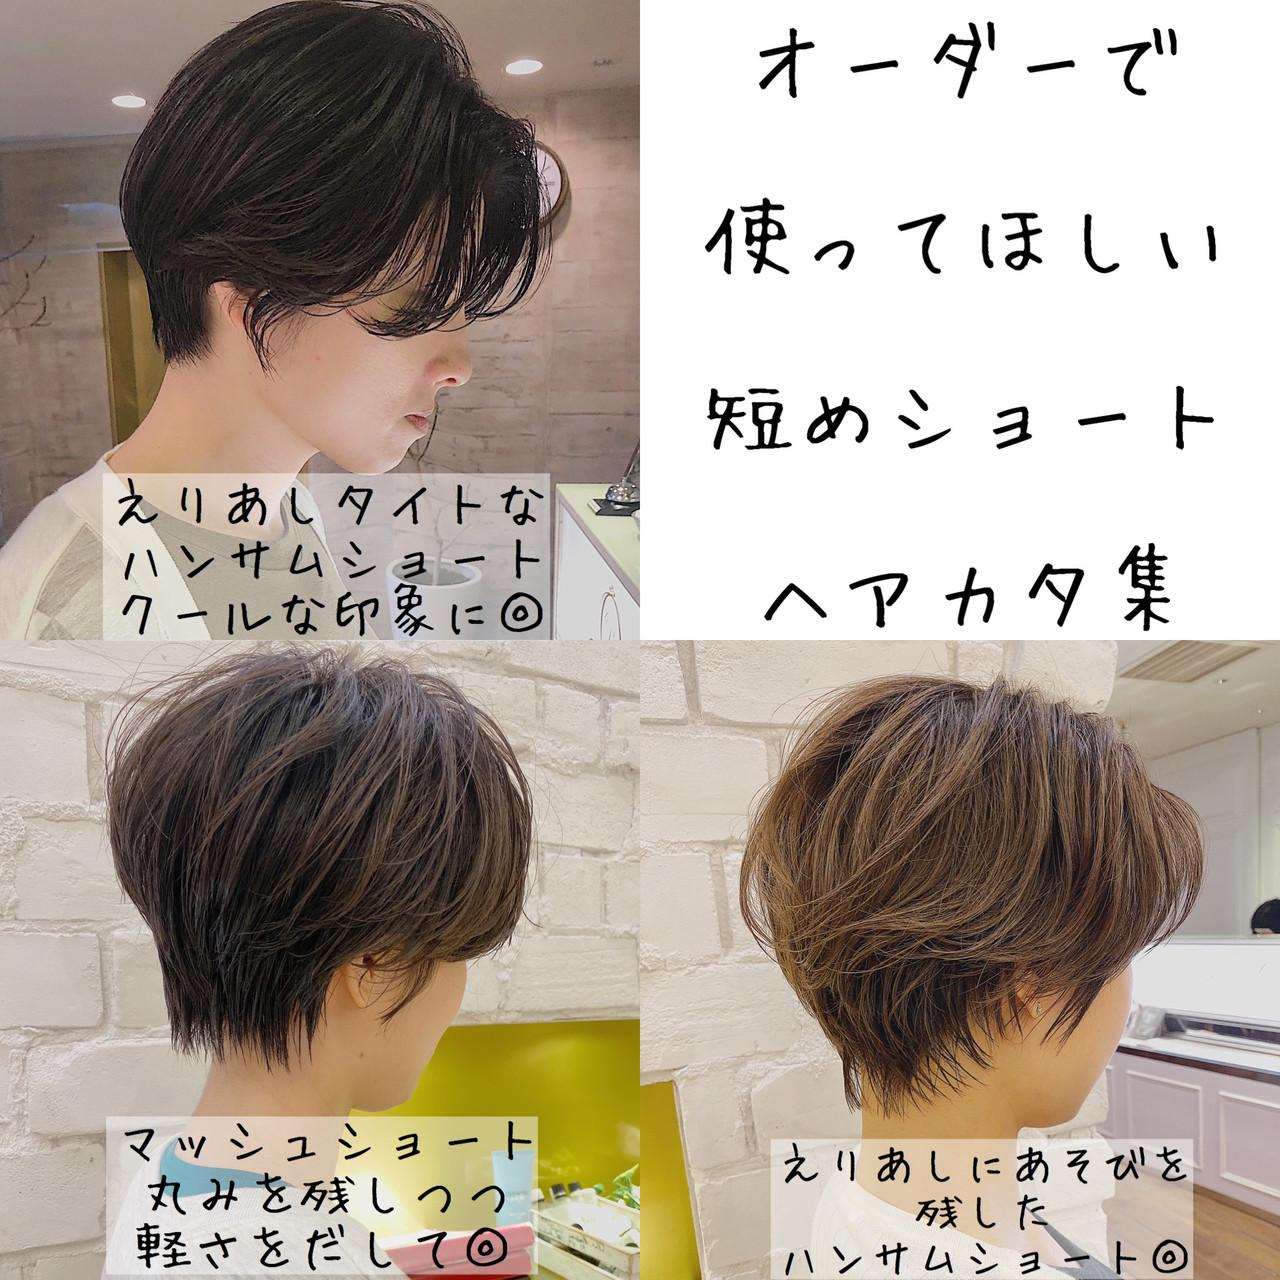 ショートヘア ミニボブ ベリーショート 切りっぱなしボブ ヘアスタイルや髪型の写真・画像